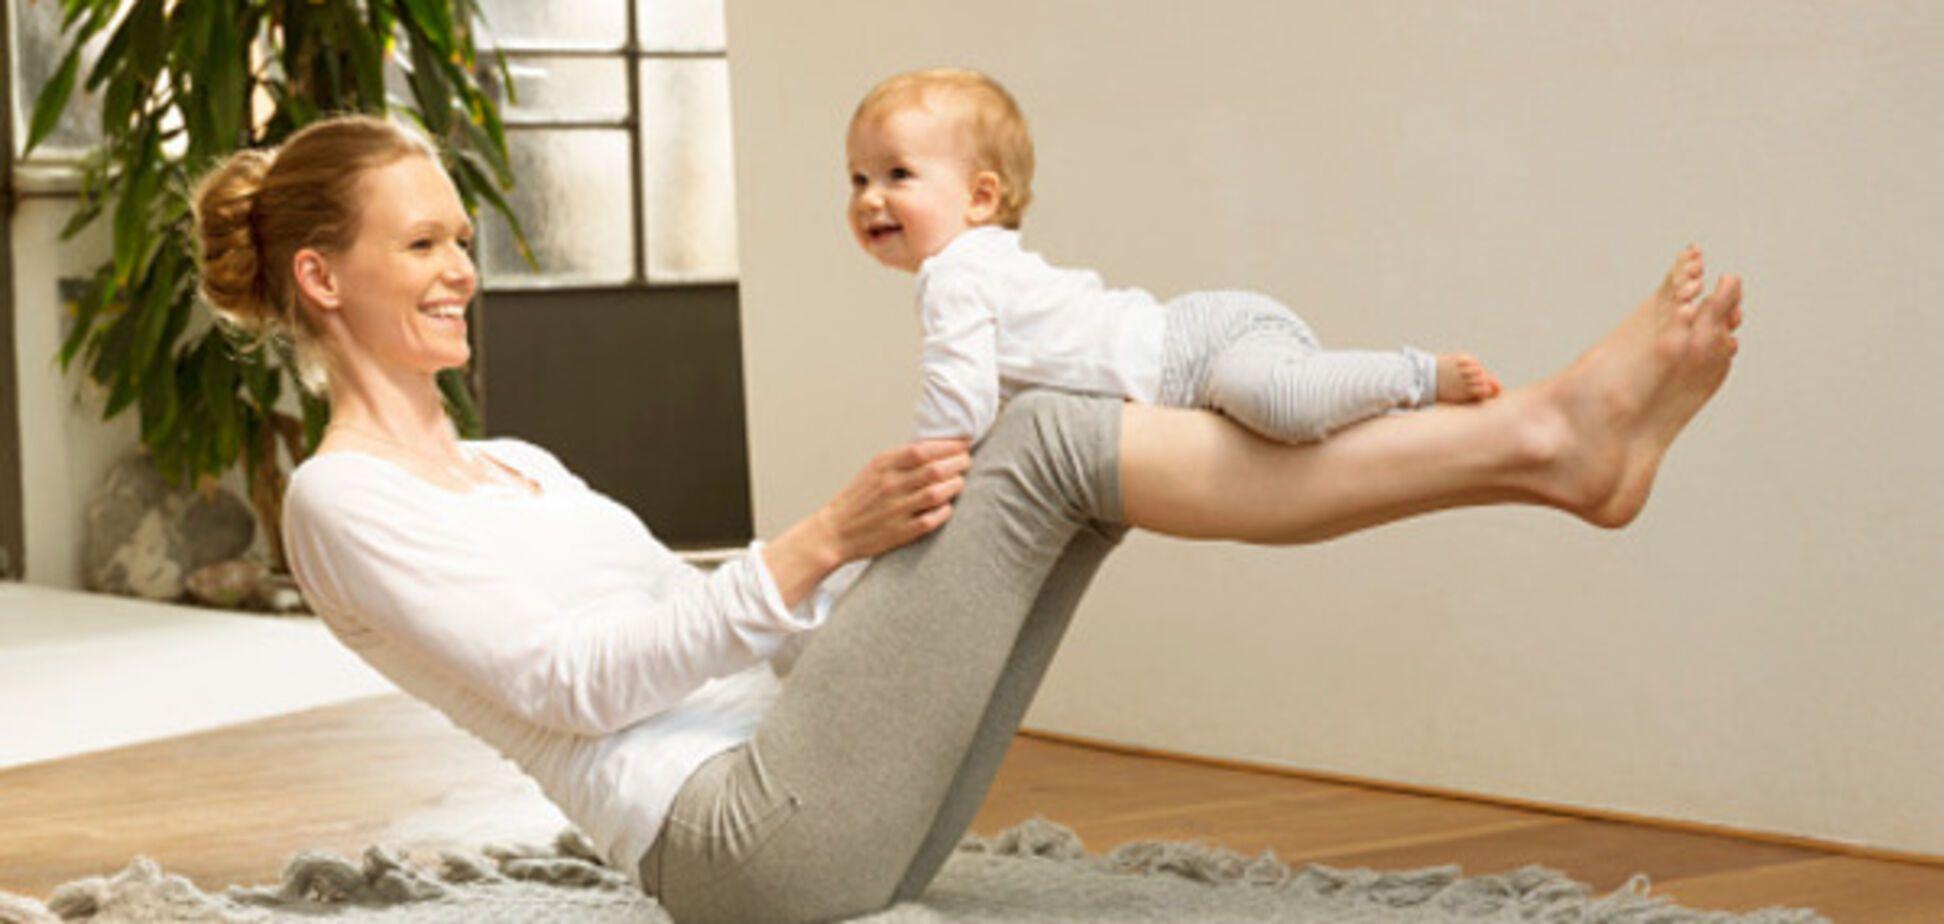 В спортзал заради здоров'я дітей: вчені з'ясували, як спосіб життя батьків впливає на їх нащадків